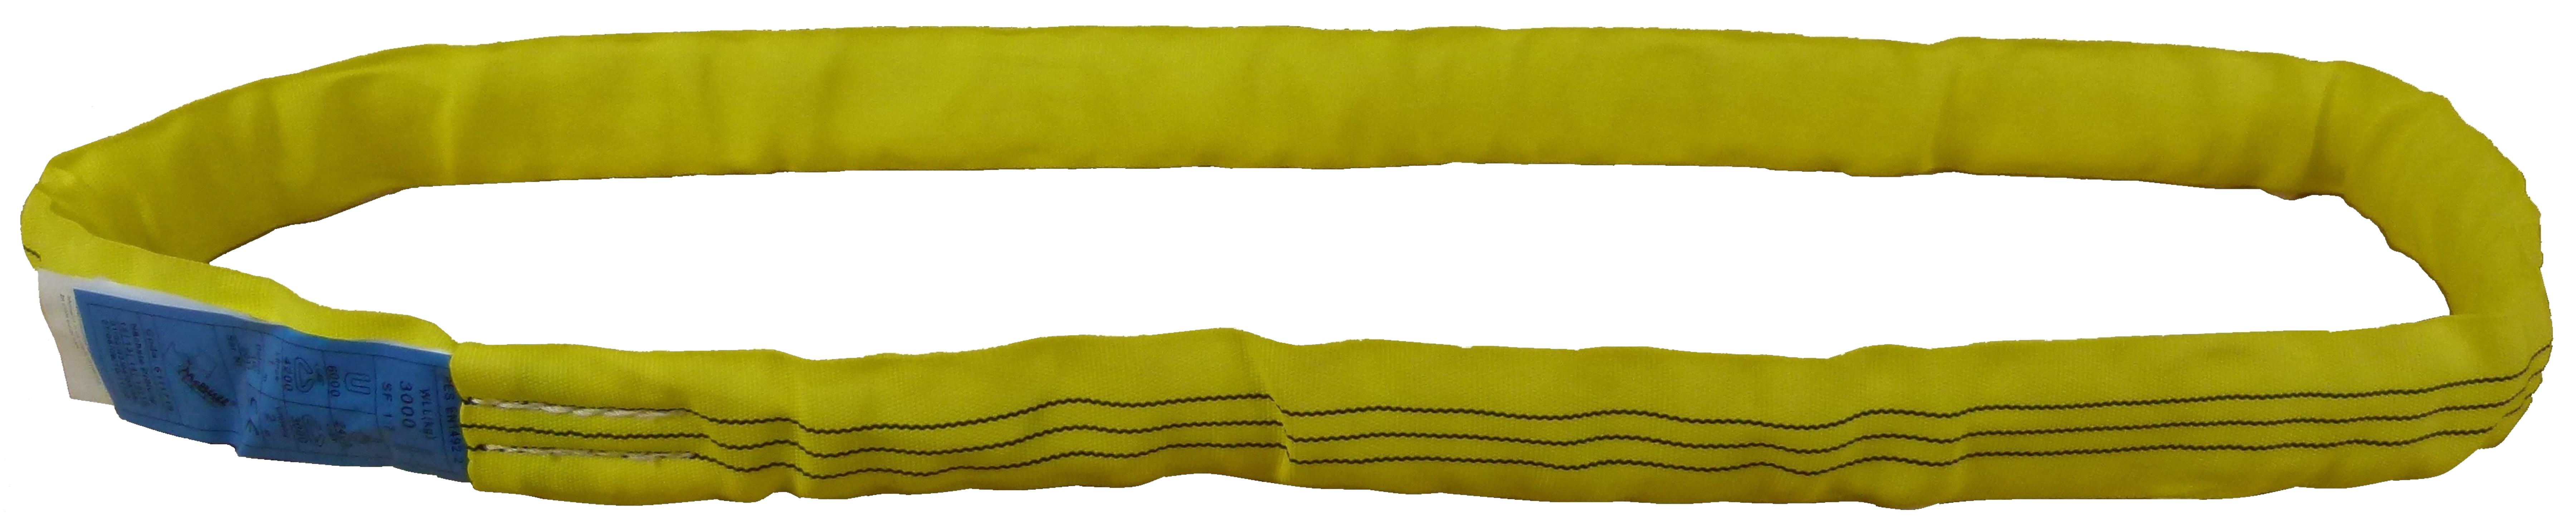 Rundschlinge mit Einfachmantel aus Polyester